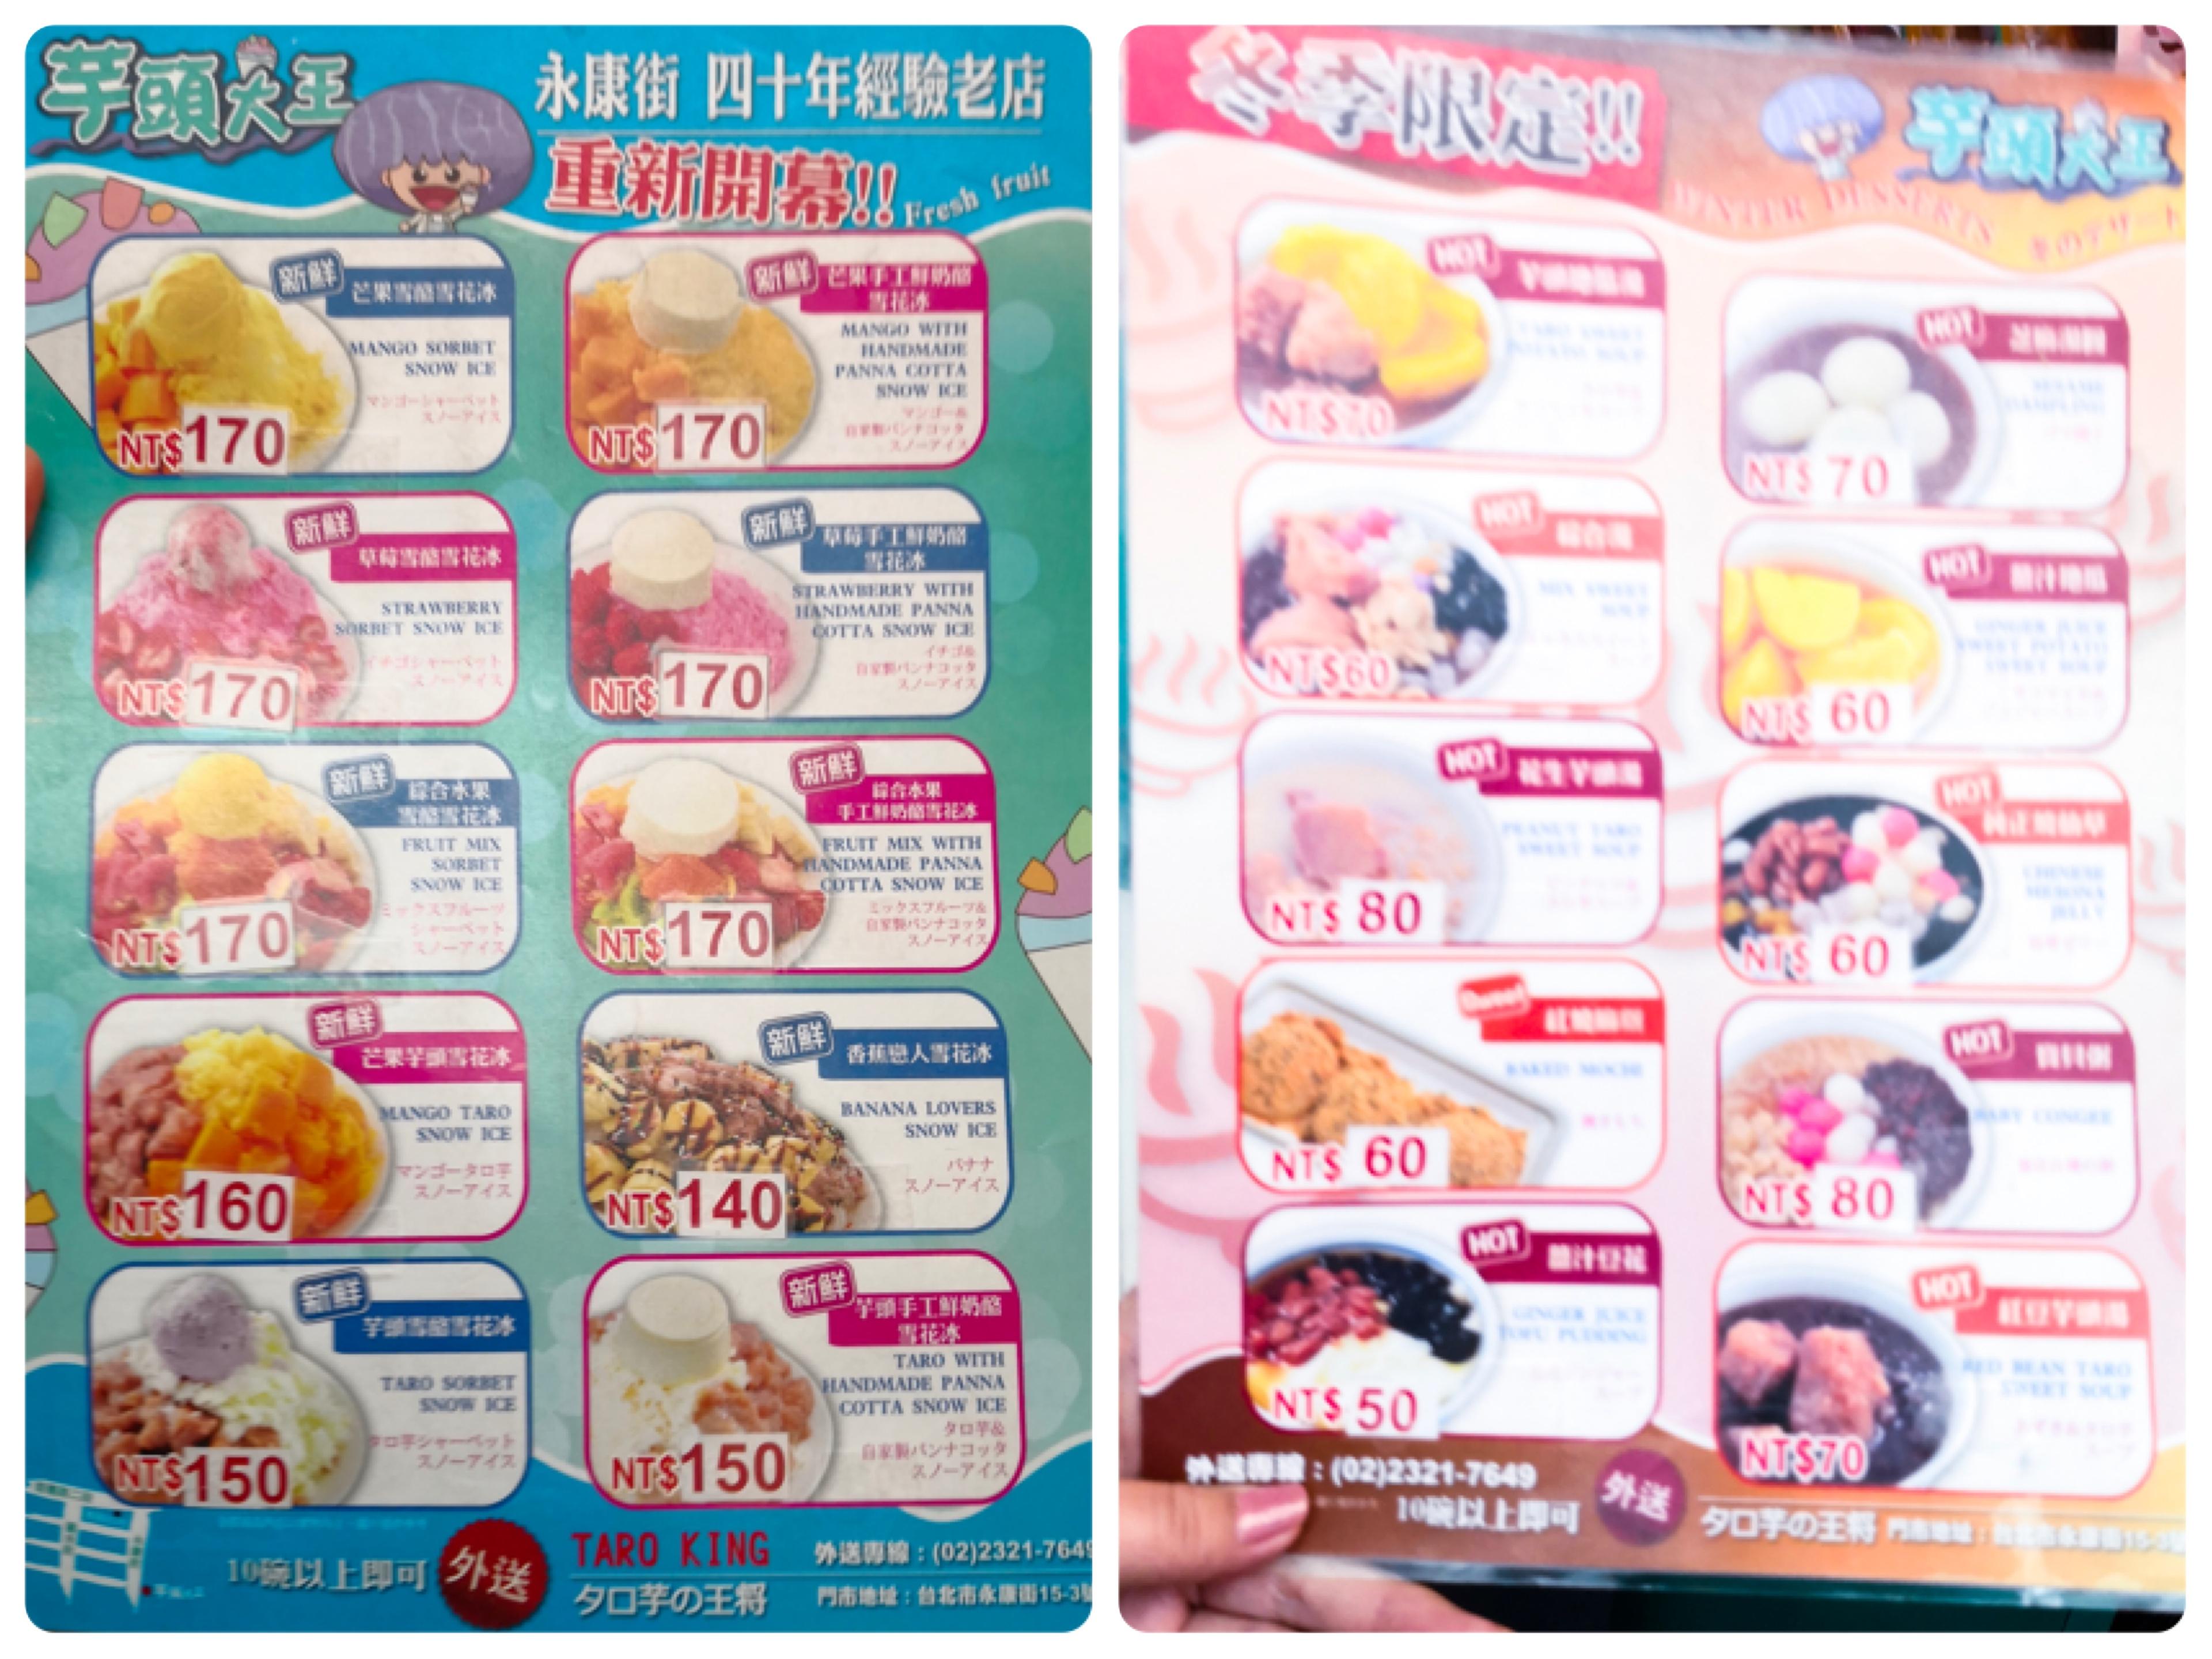 台北 永康街かき氷の「芋頭大王」メニュー